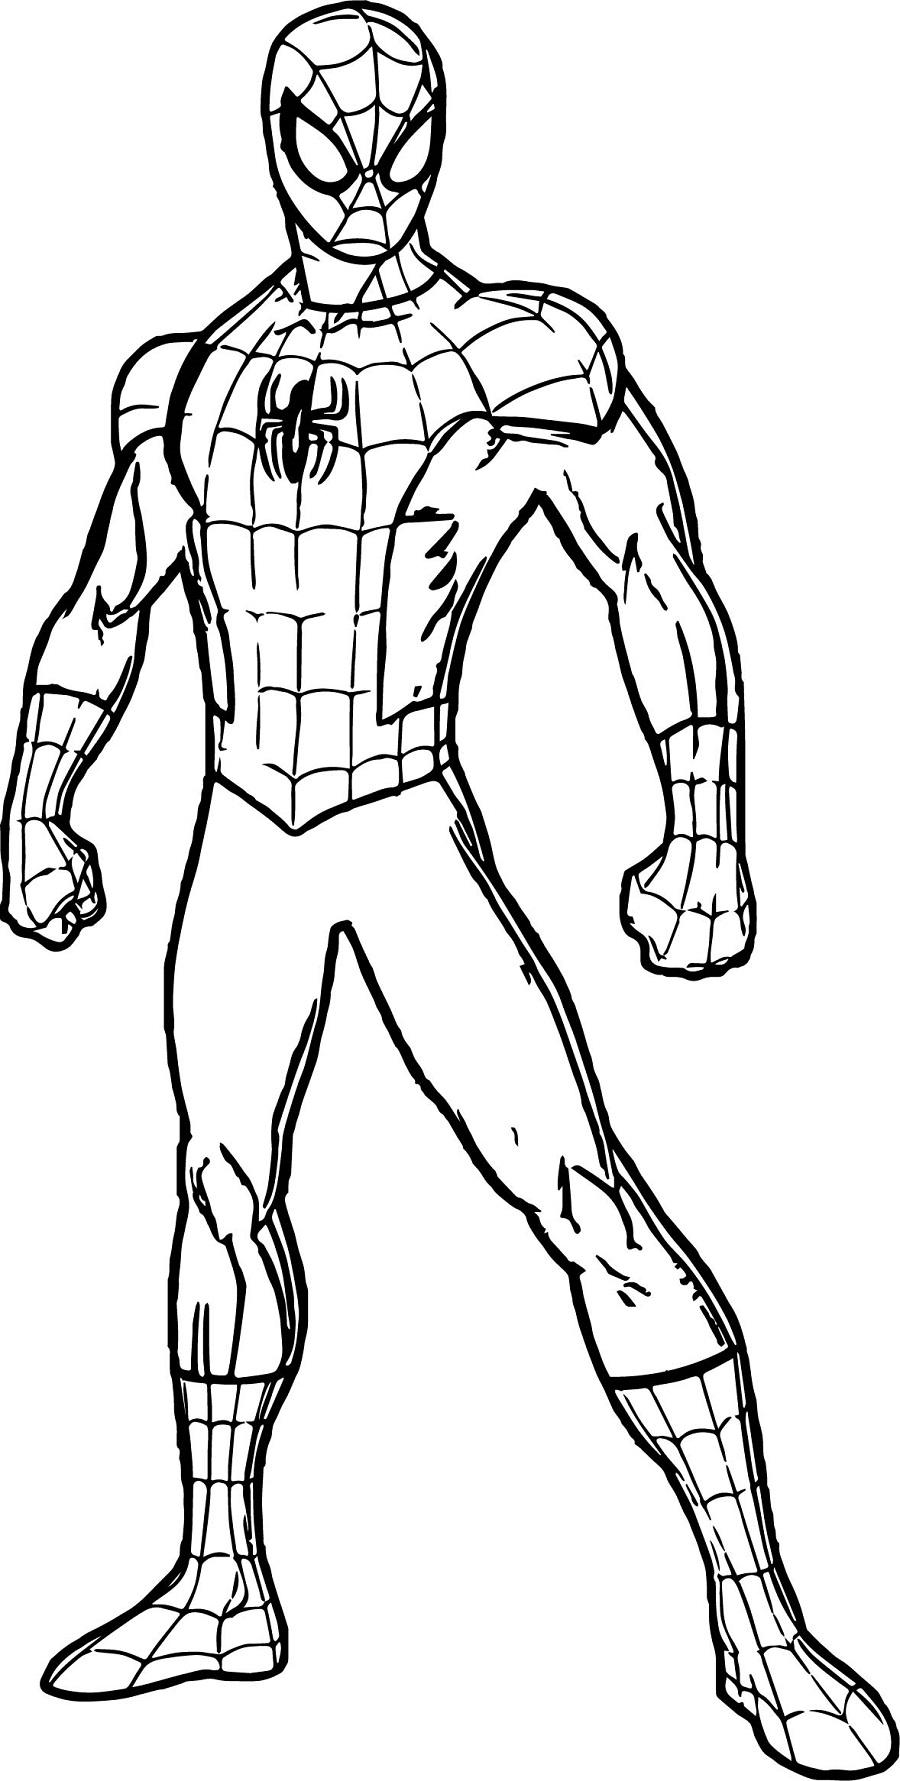 Desenhos Do Homem Aranha Para Imprimir E Colorir